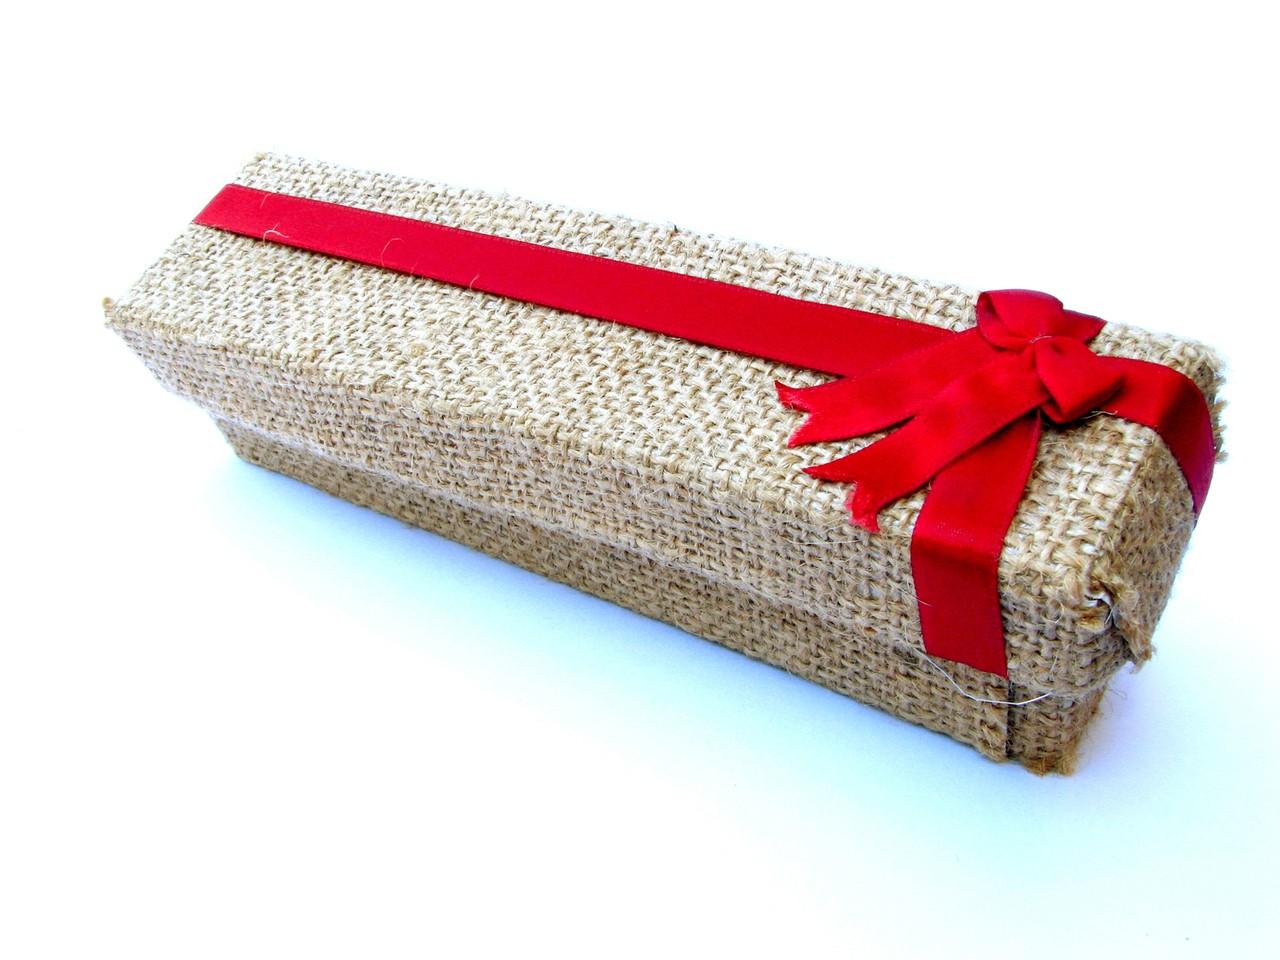 Premiumbrands – oficjalny dystrybutor markowych prezentów biznesowych